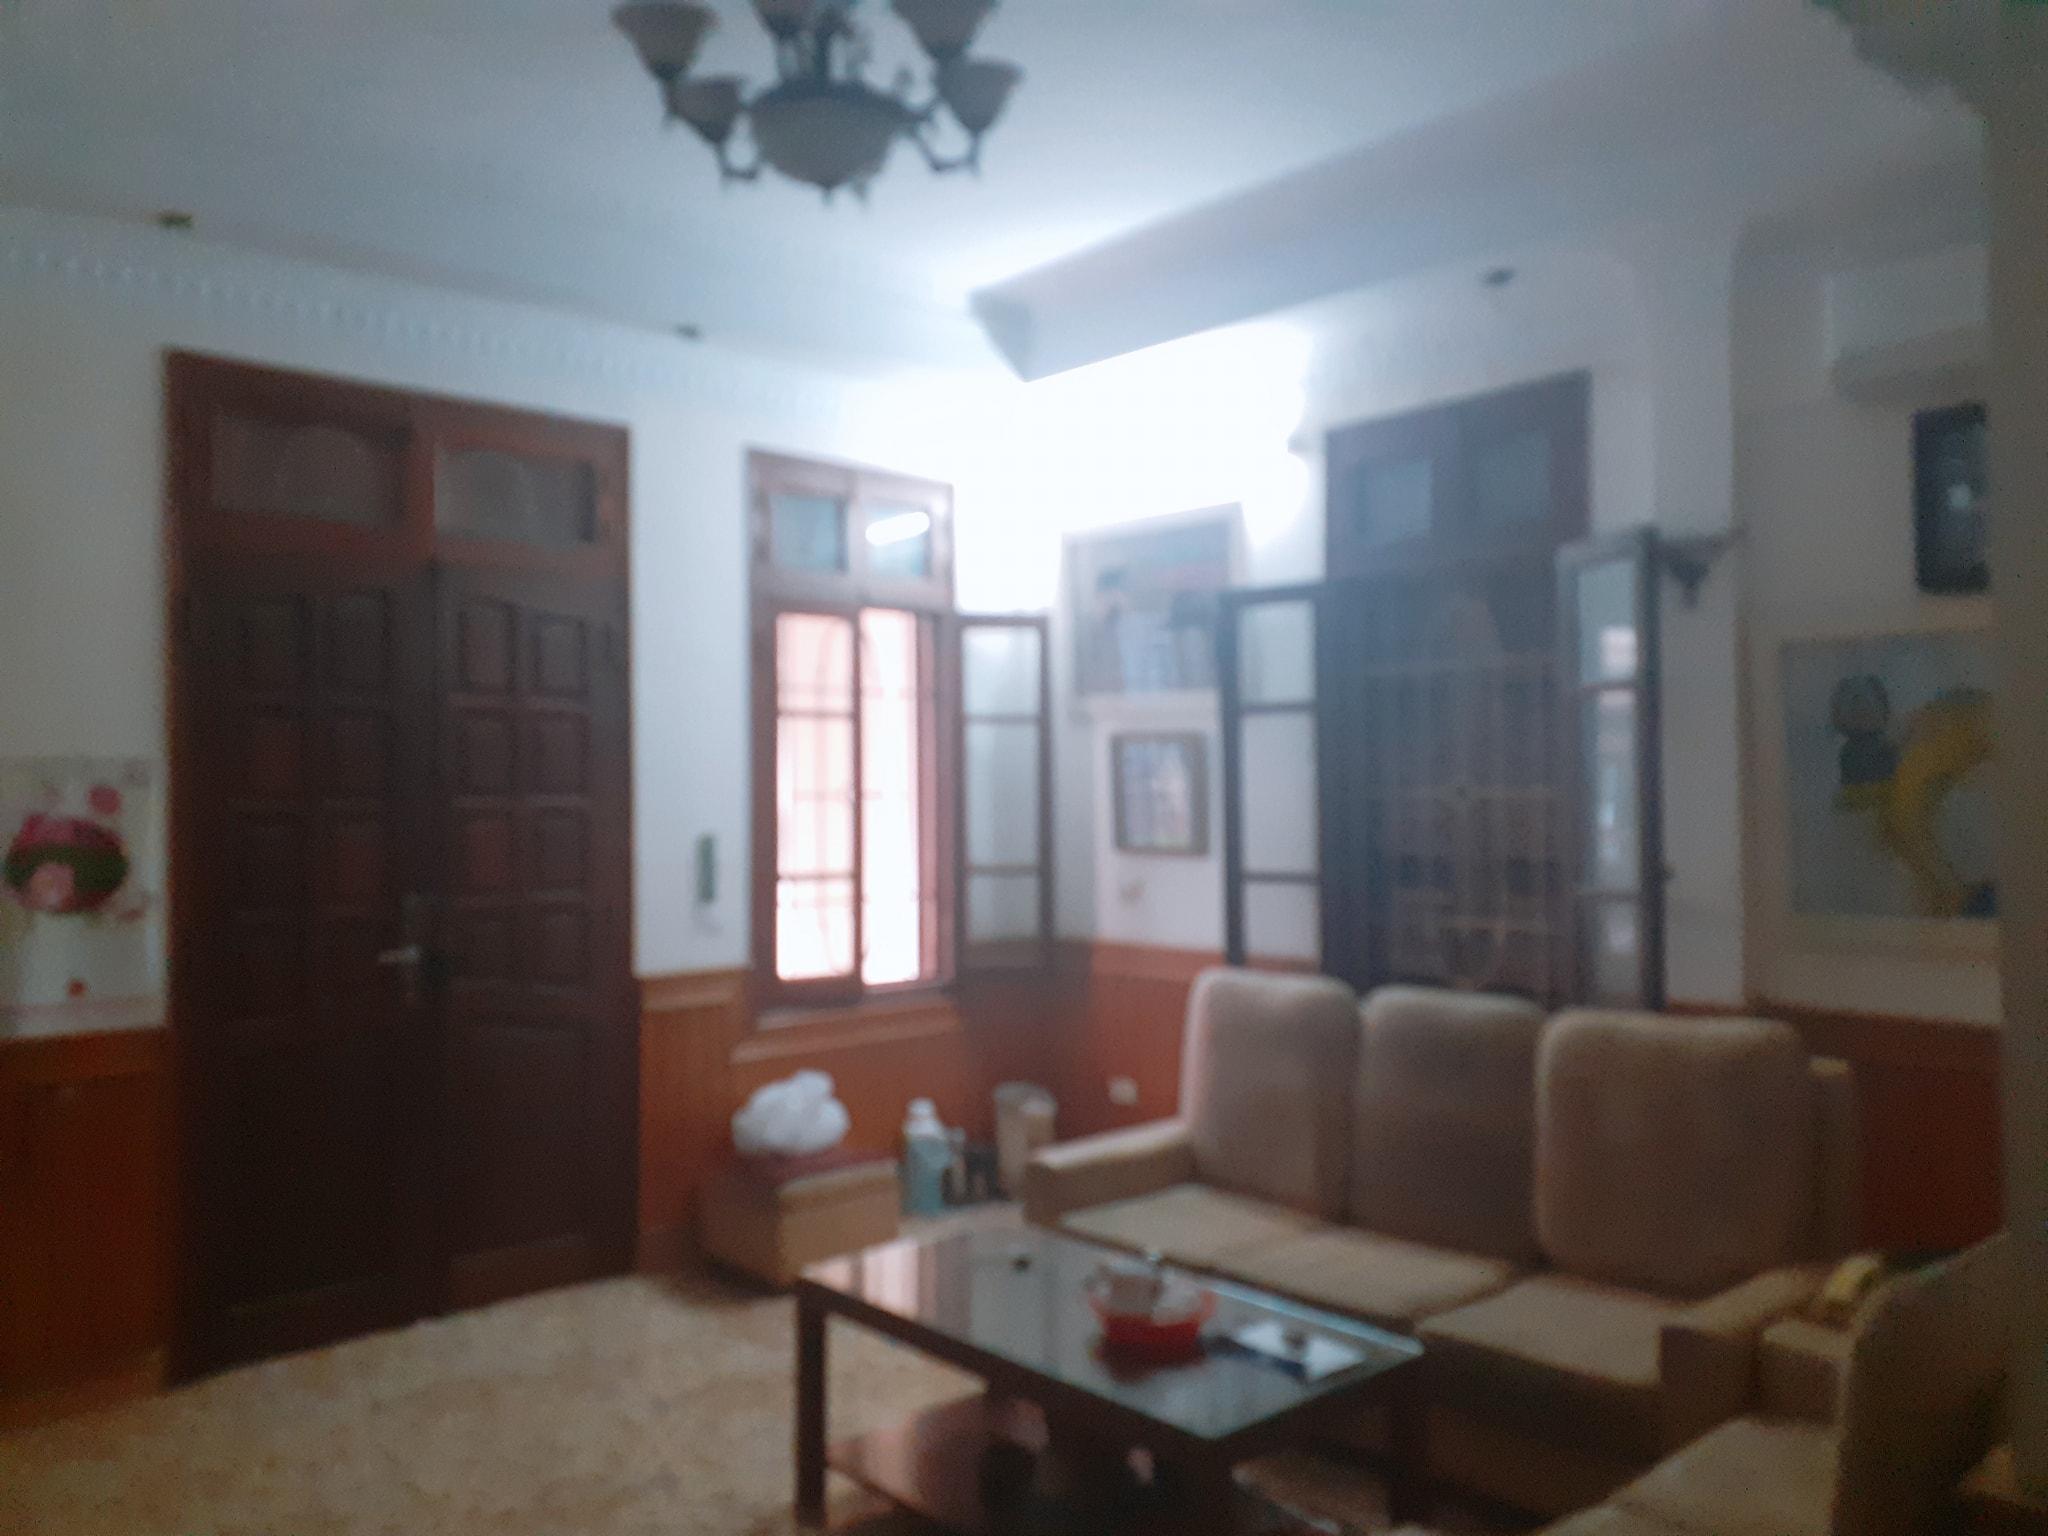 bán nhà Nguyễn Chí Thanh Đống Đa giá 14 tỷ5,x 97m, 5tầng,lh 09668181902.